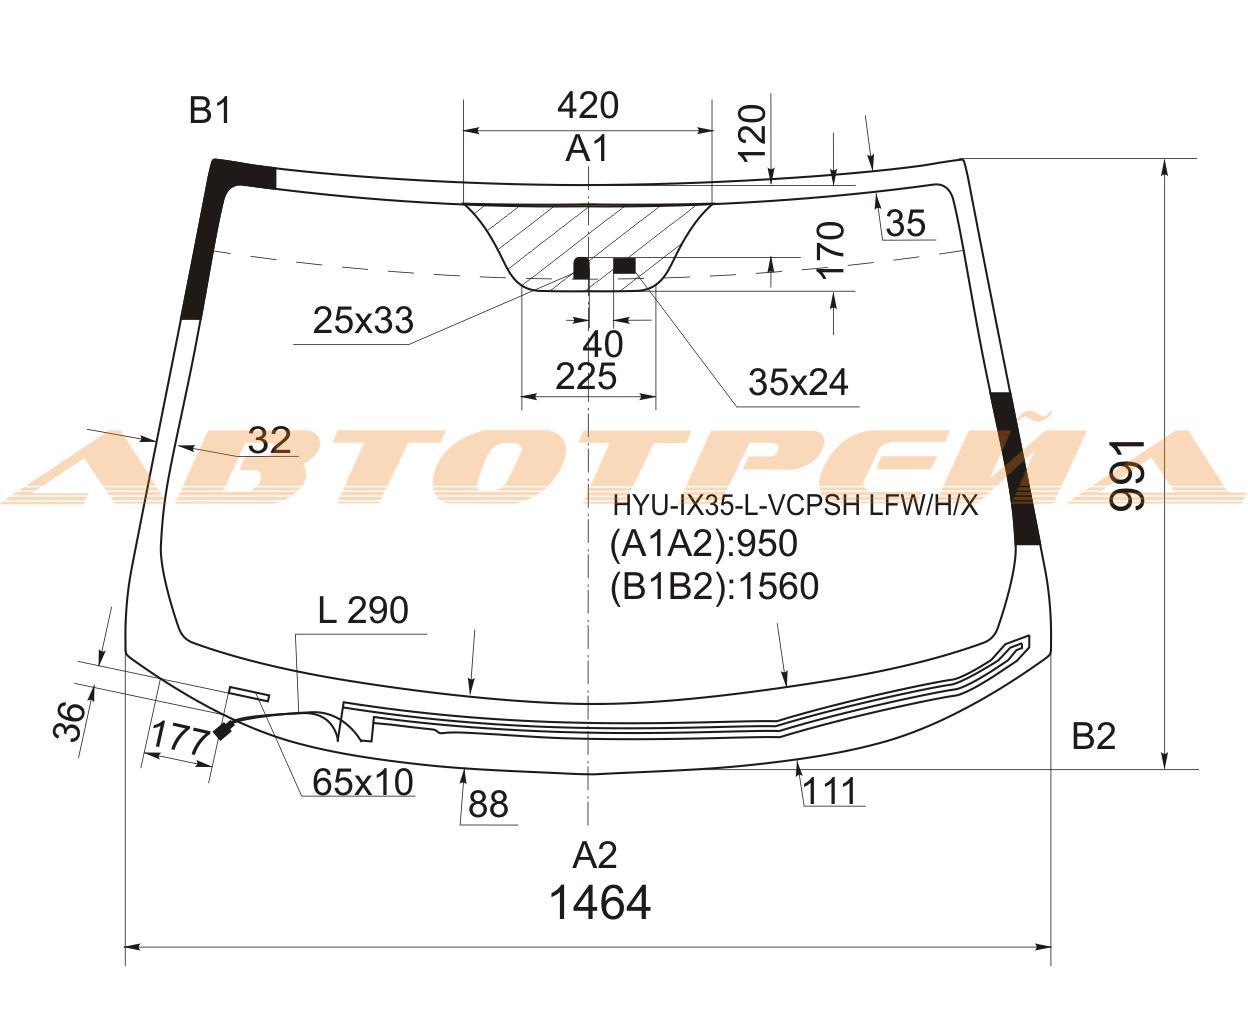 Продажа и замена автостекол Hyundai iX35. Лобовое, боковое, заднее автостекло Hyundai iX35